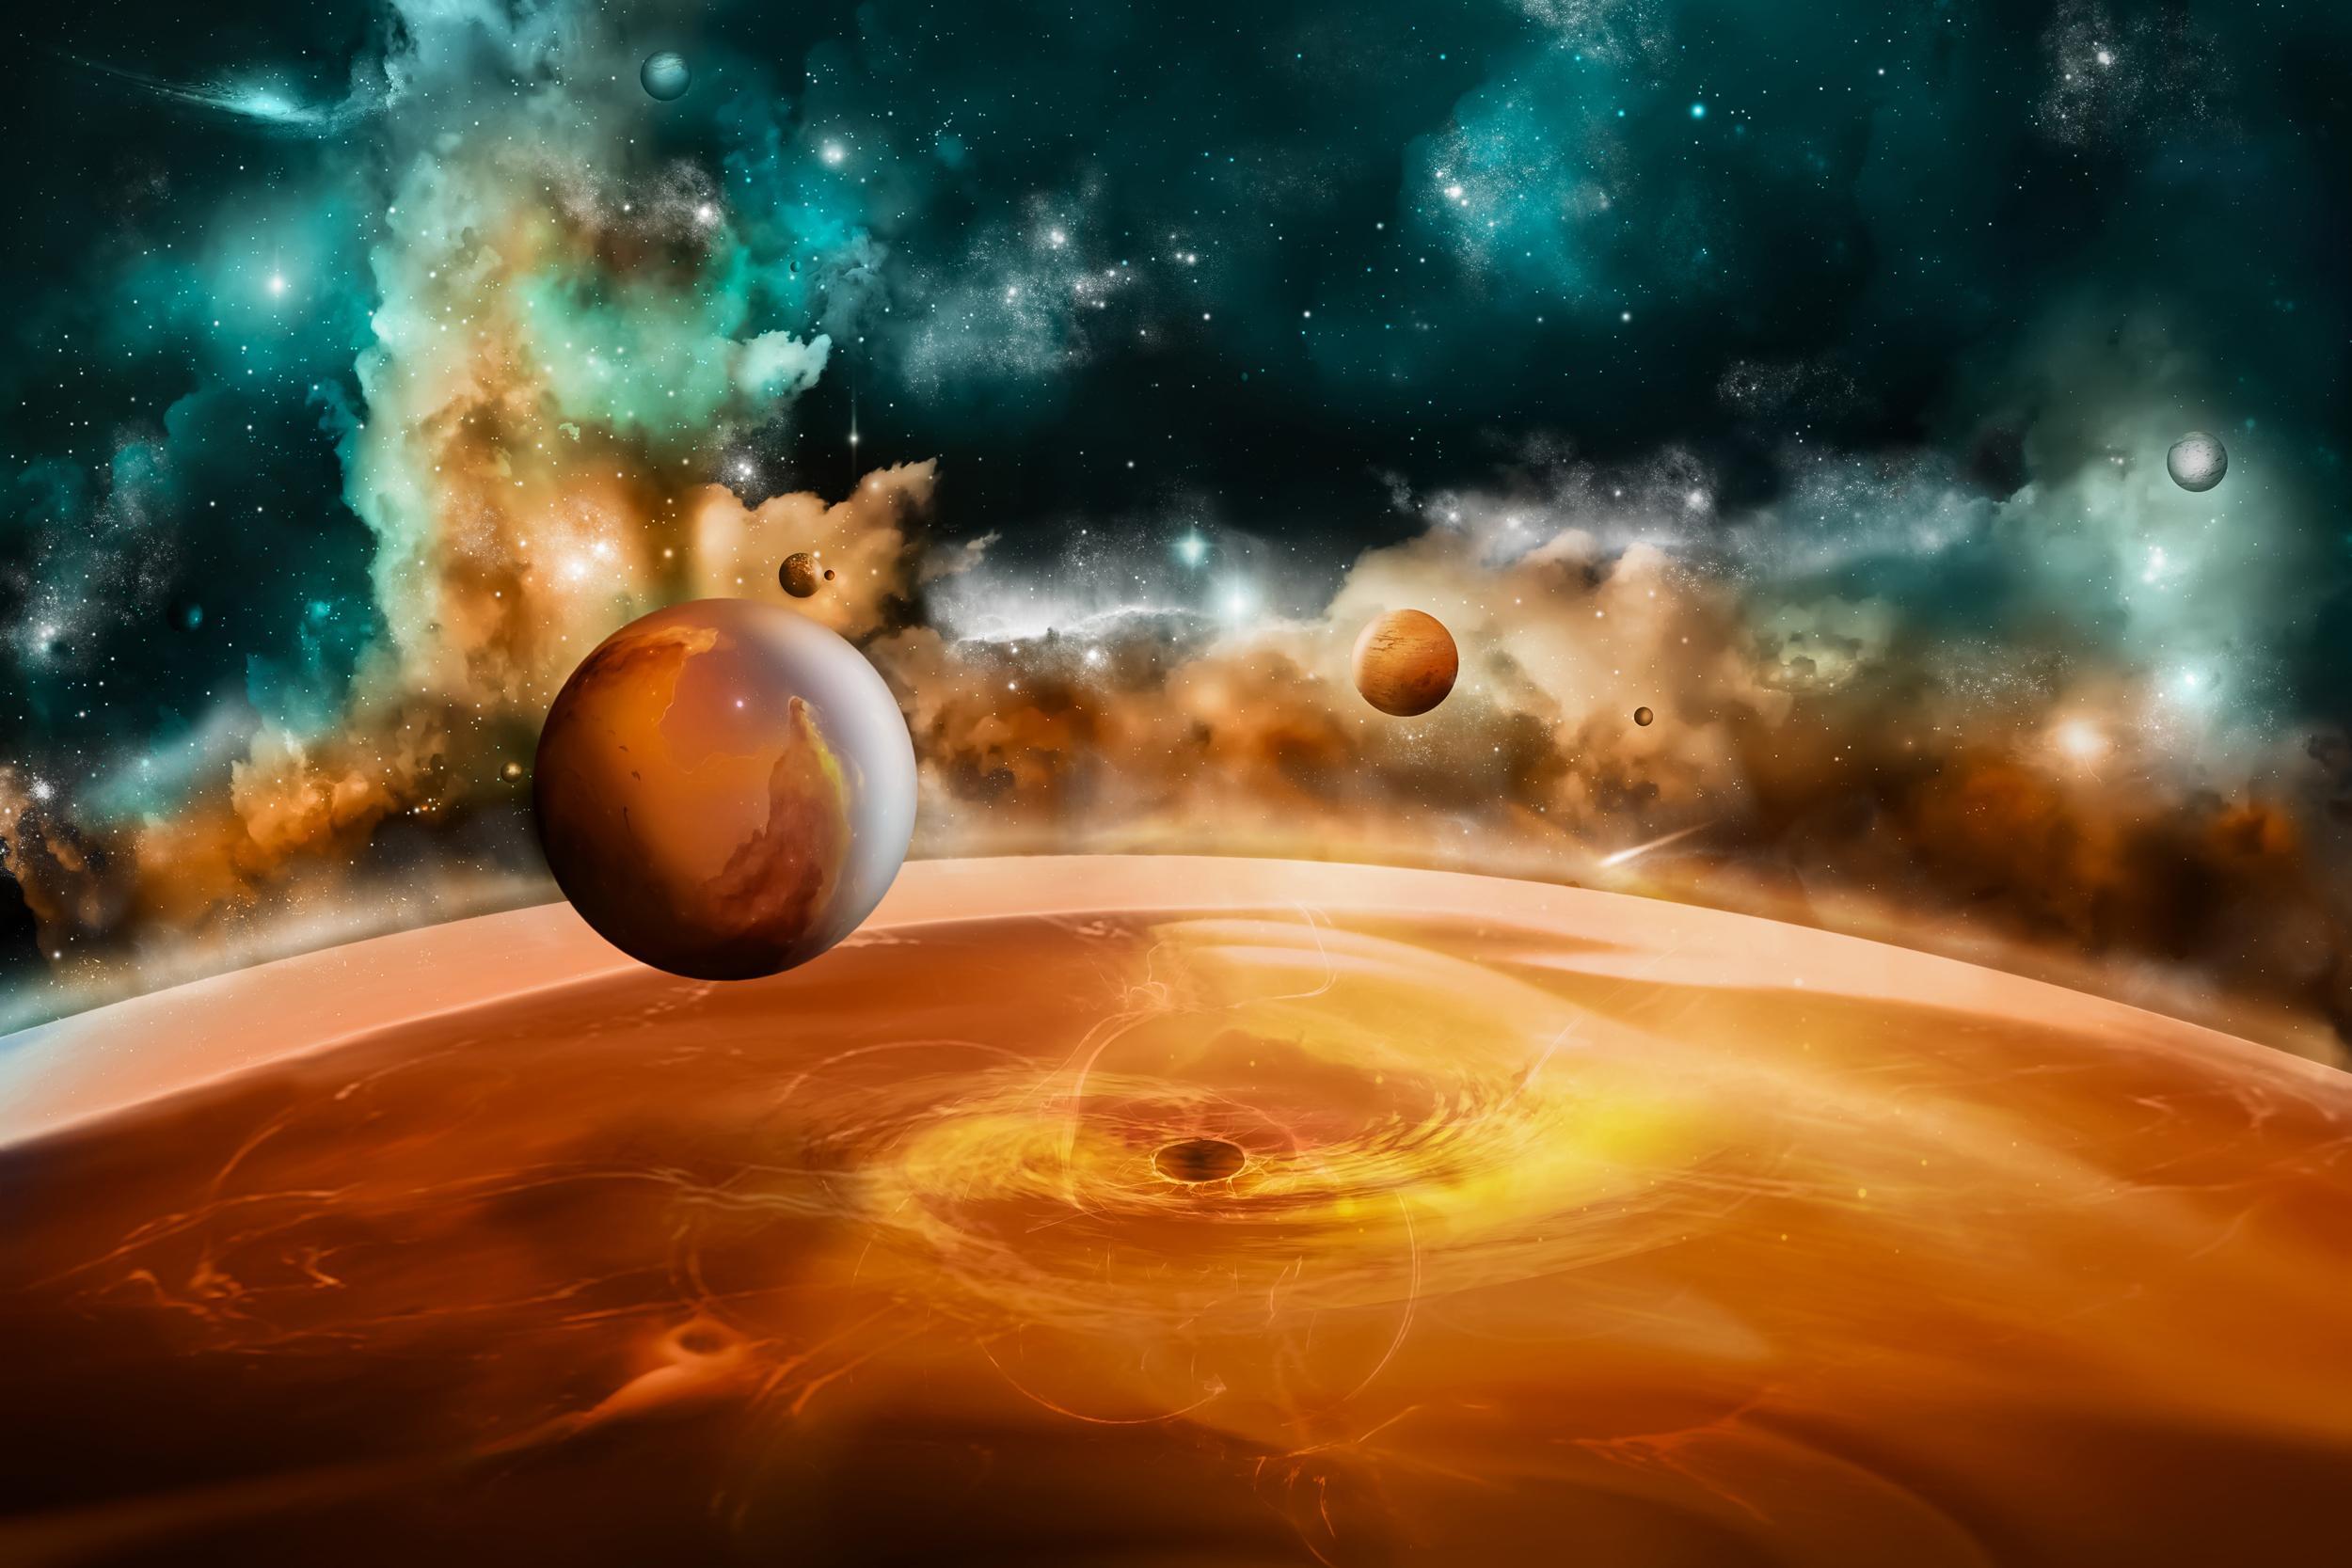 1382364 69137619 - Média zahlcují lidi zprávami z oblasti astronomie